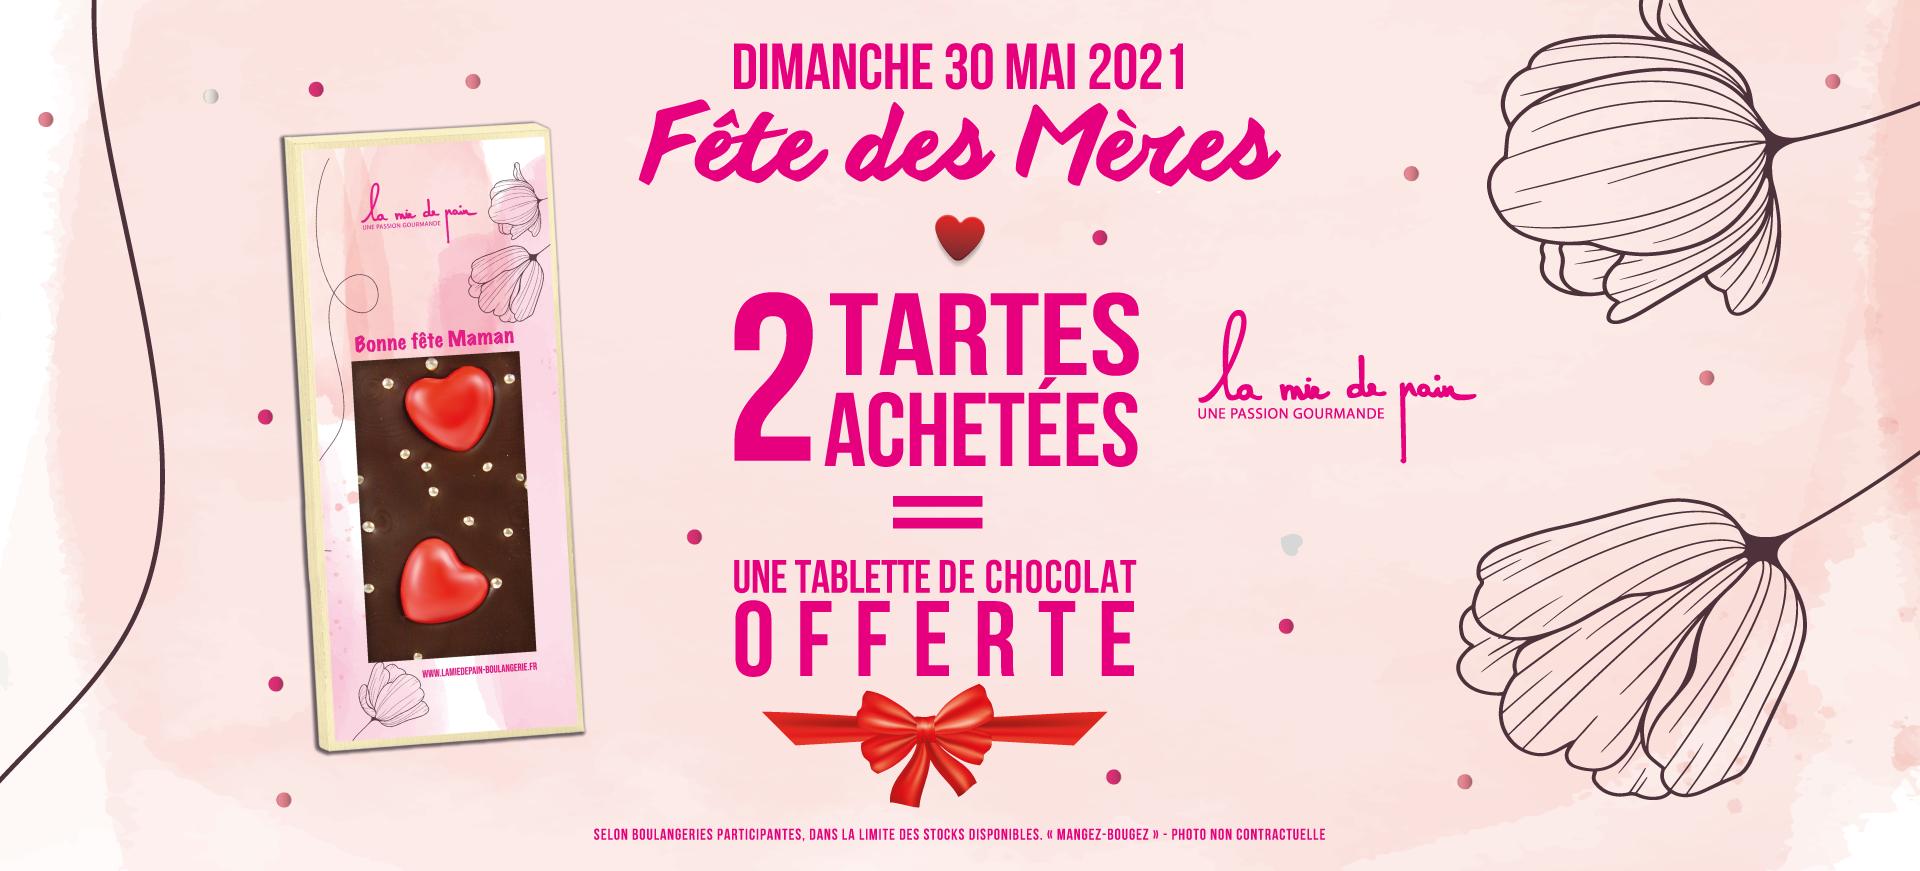 Accueil-fete-des-meres-lamiedepain-30mai2021